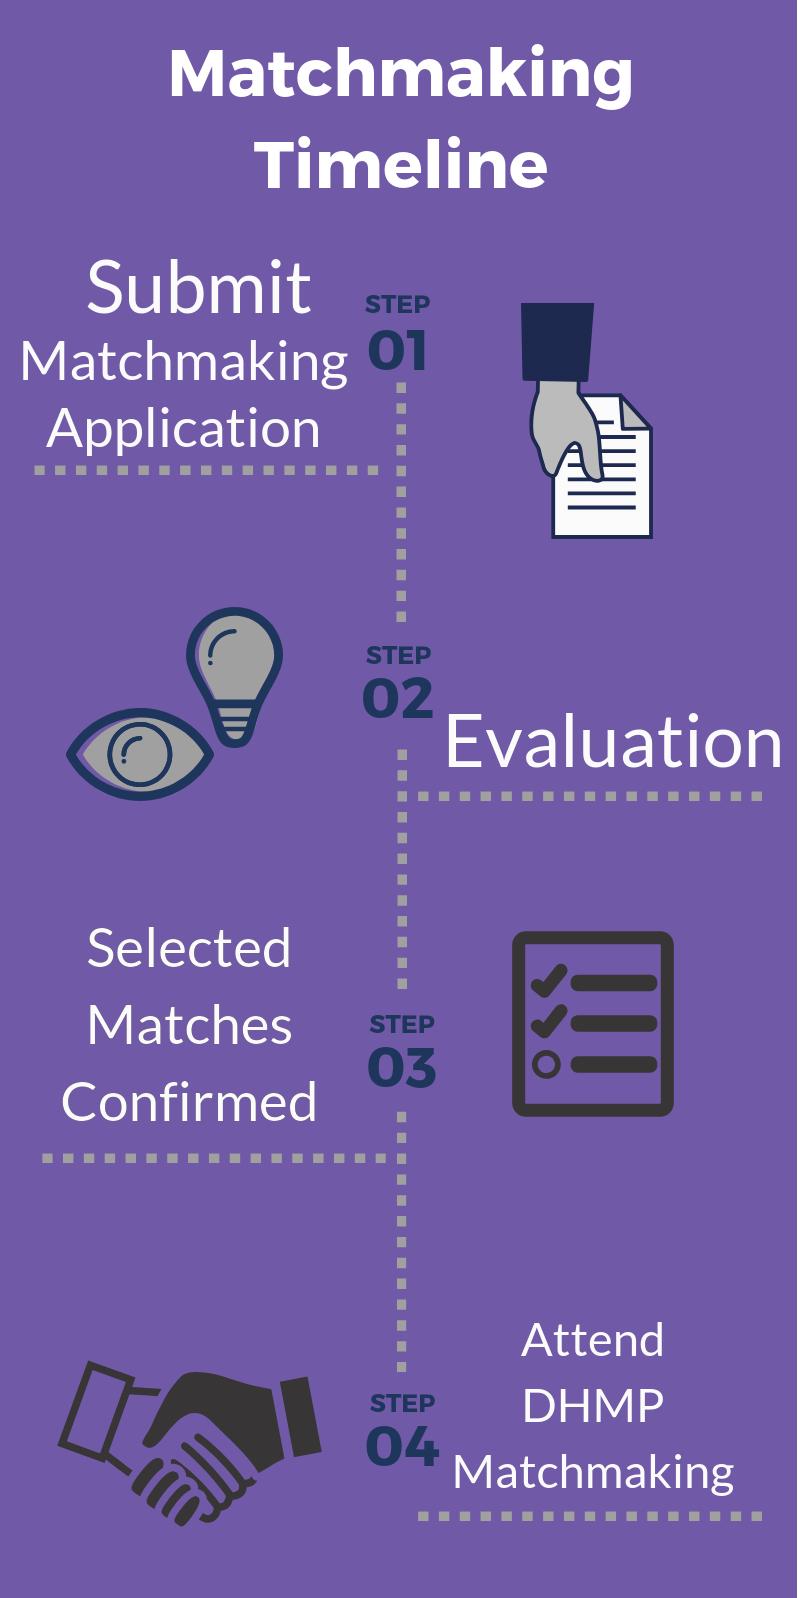 Matchmaking Timeline.png